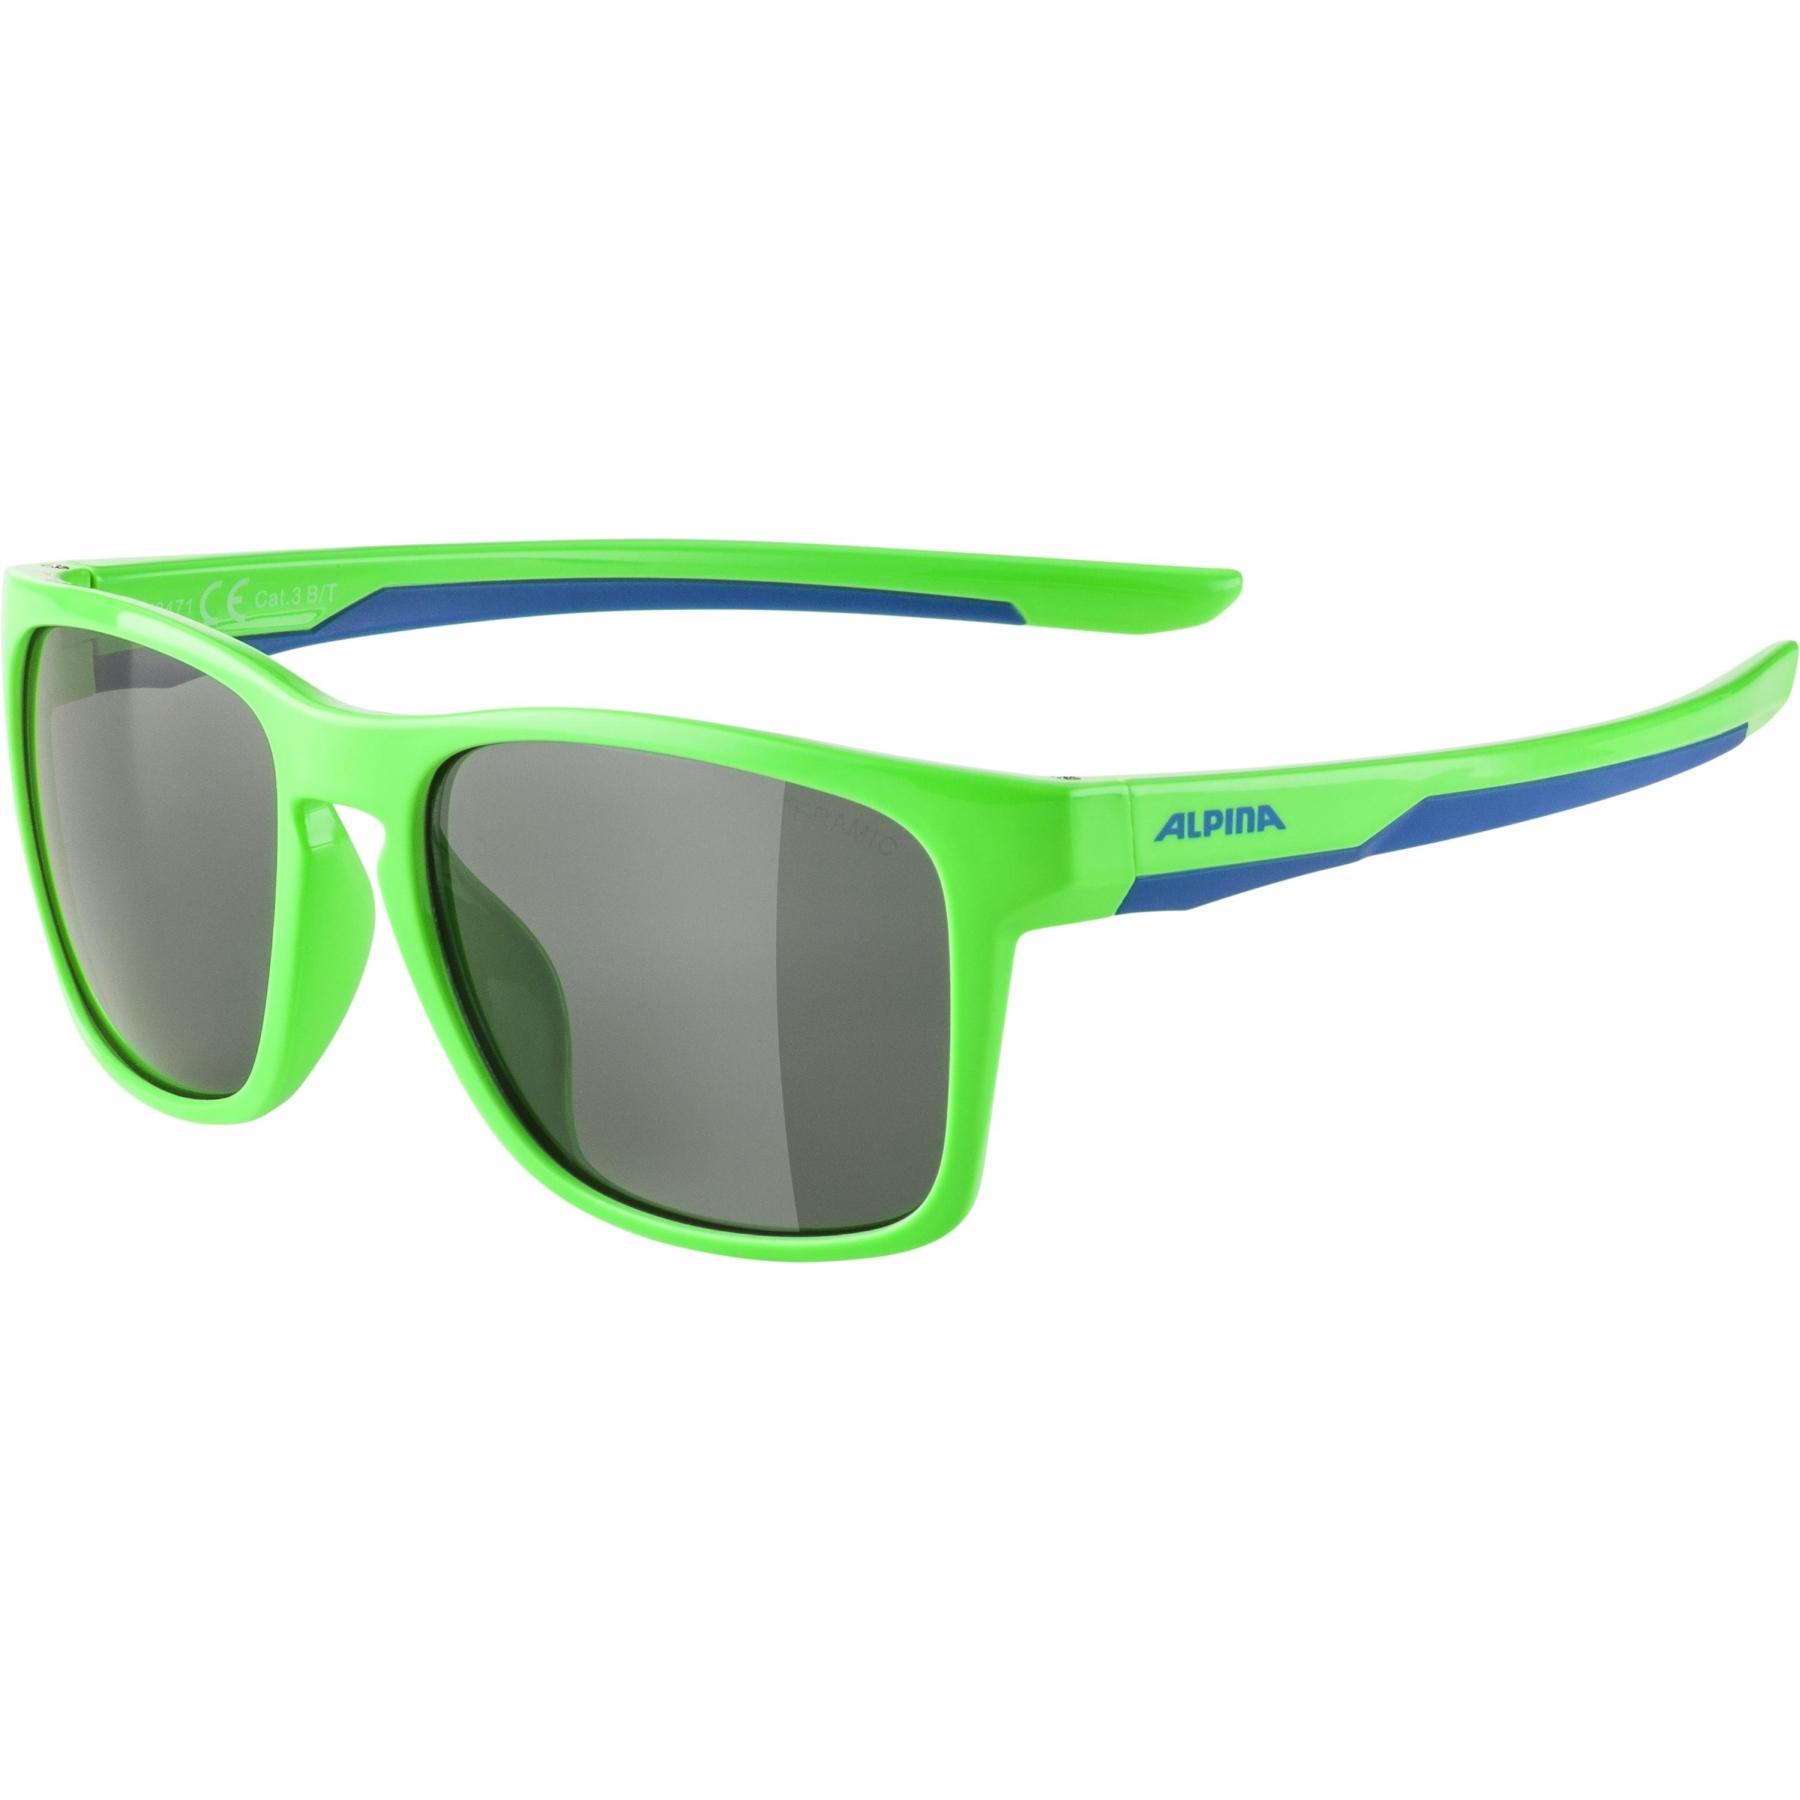 Alpina Flexxy Cool Kids I Glasses - neon green-blue / black